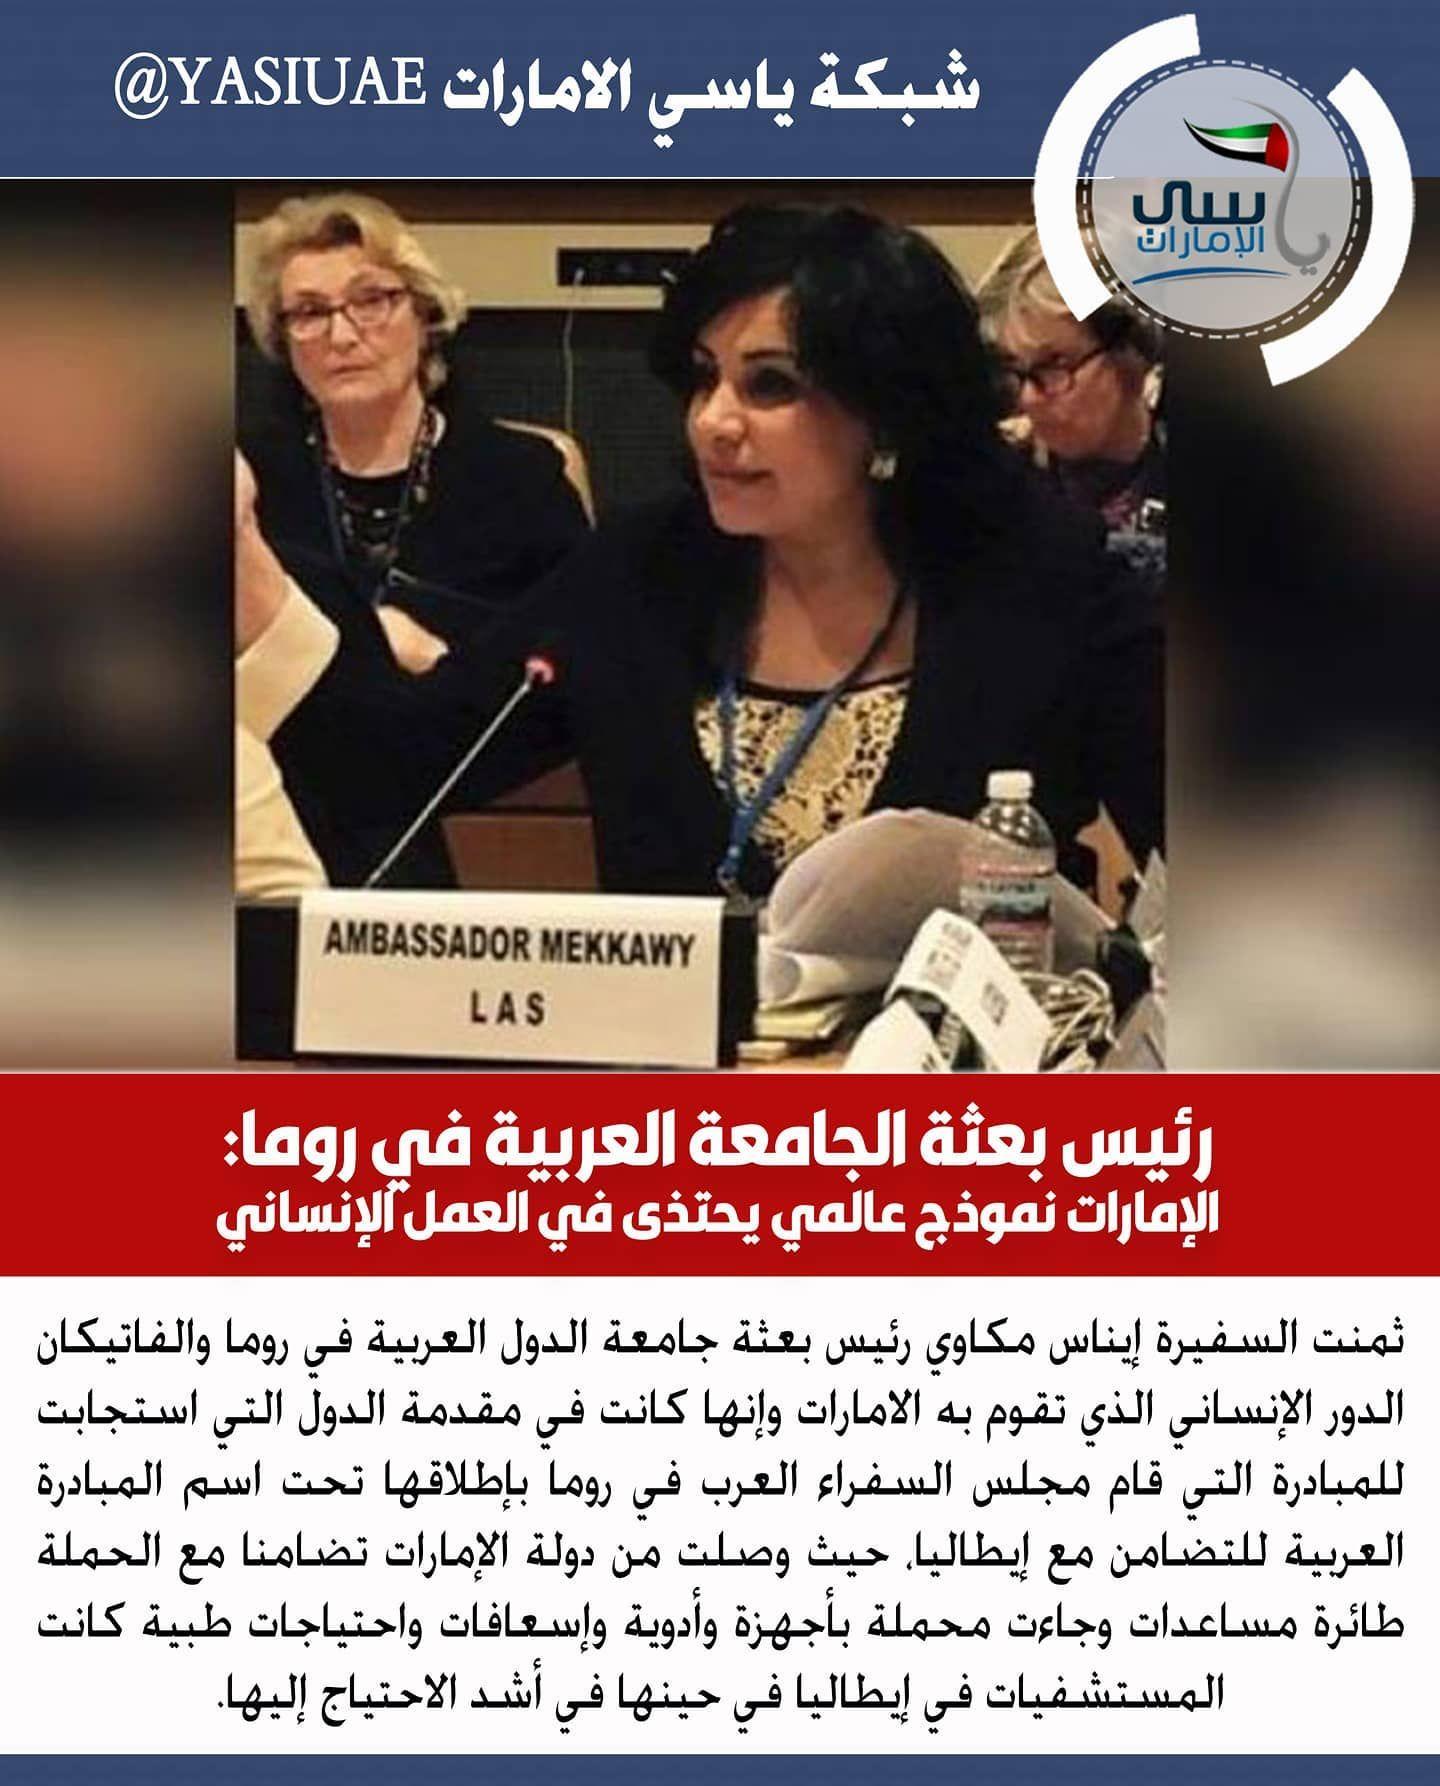 رئيس بعثة الجامعة العربية في روما الإمارات نموذج عالمي يحتذى في العمل الإنساني Www Yasiuae Net ياسي الامار Incoming Call Screenshot Incoming Call Ambassador